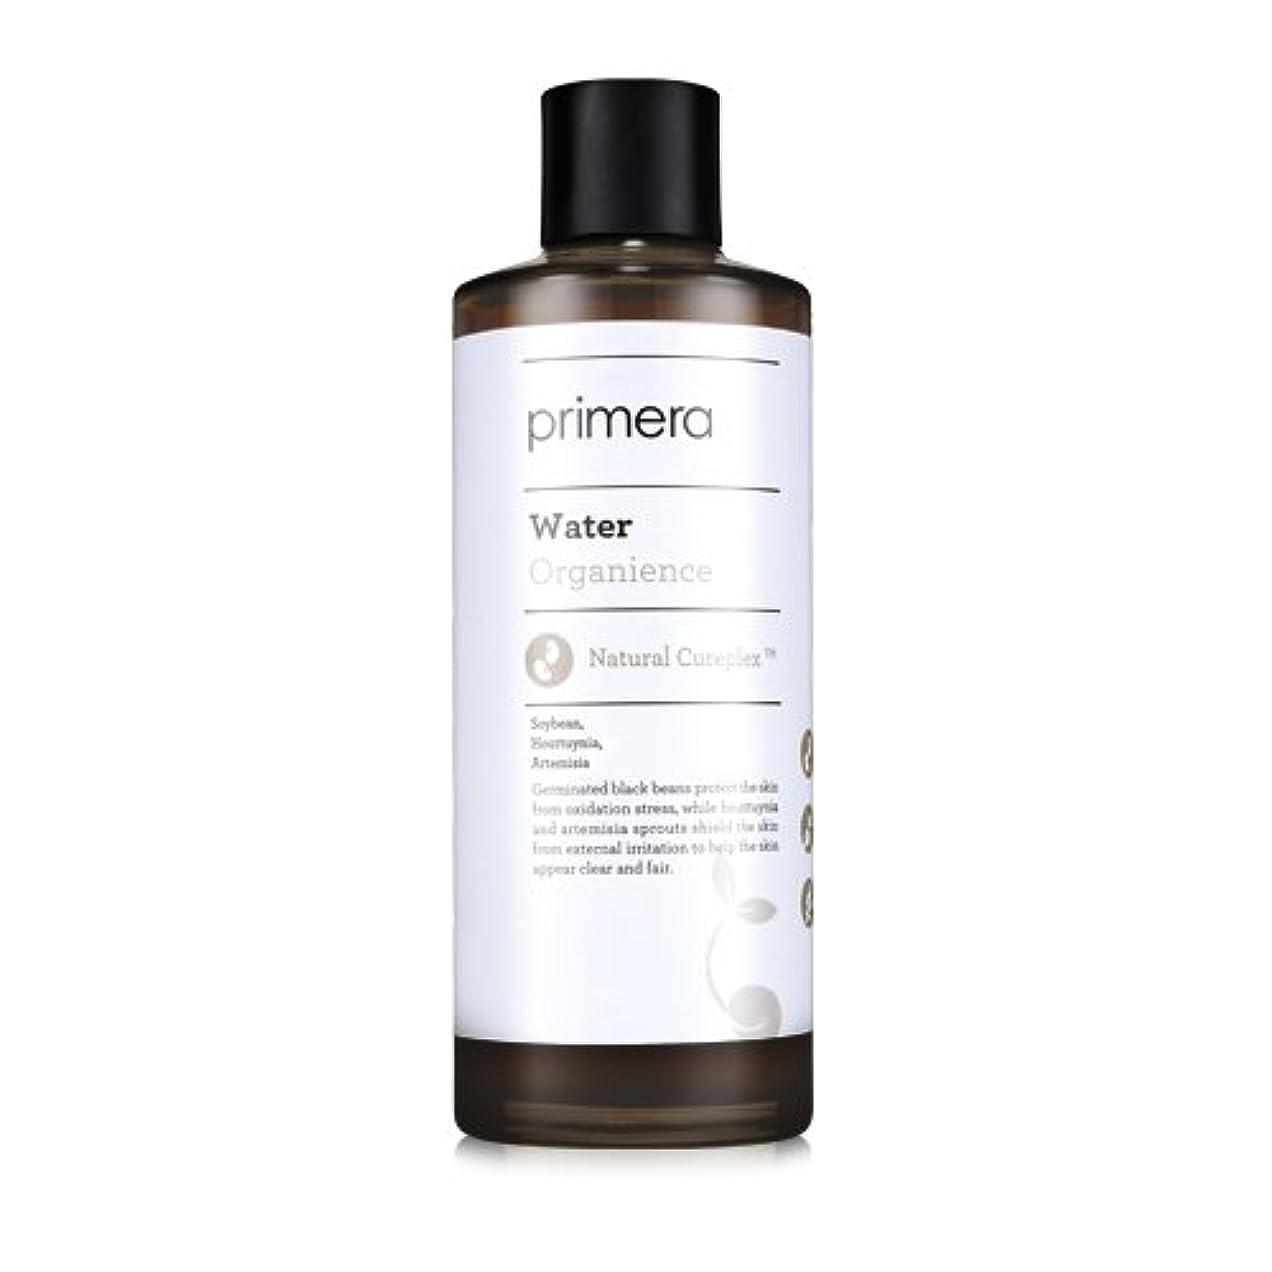 指導する操作製作PRIMERA プリメラ オーガニエンス エマルジョン(Organience Emulsion)乳液 150ml